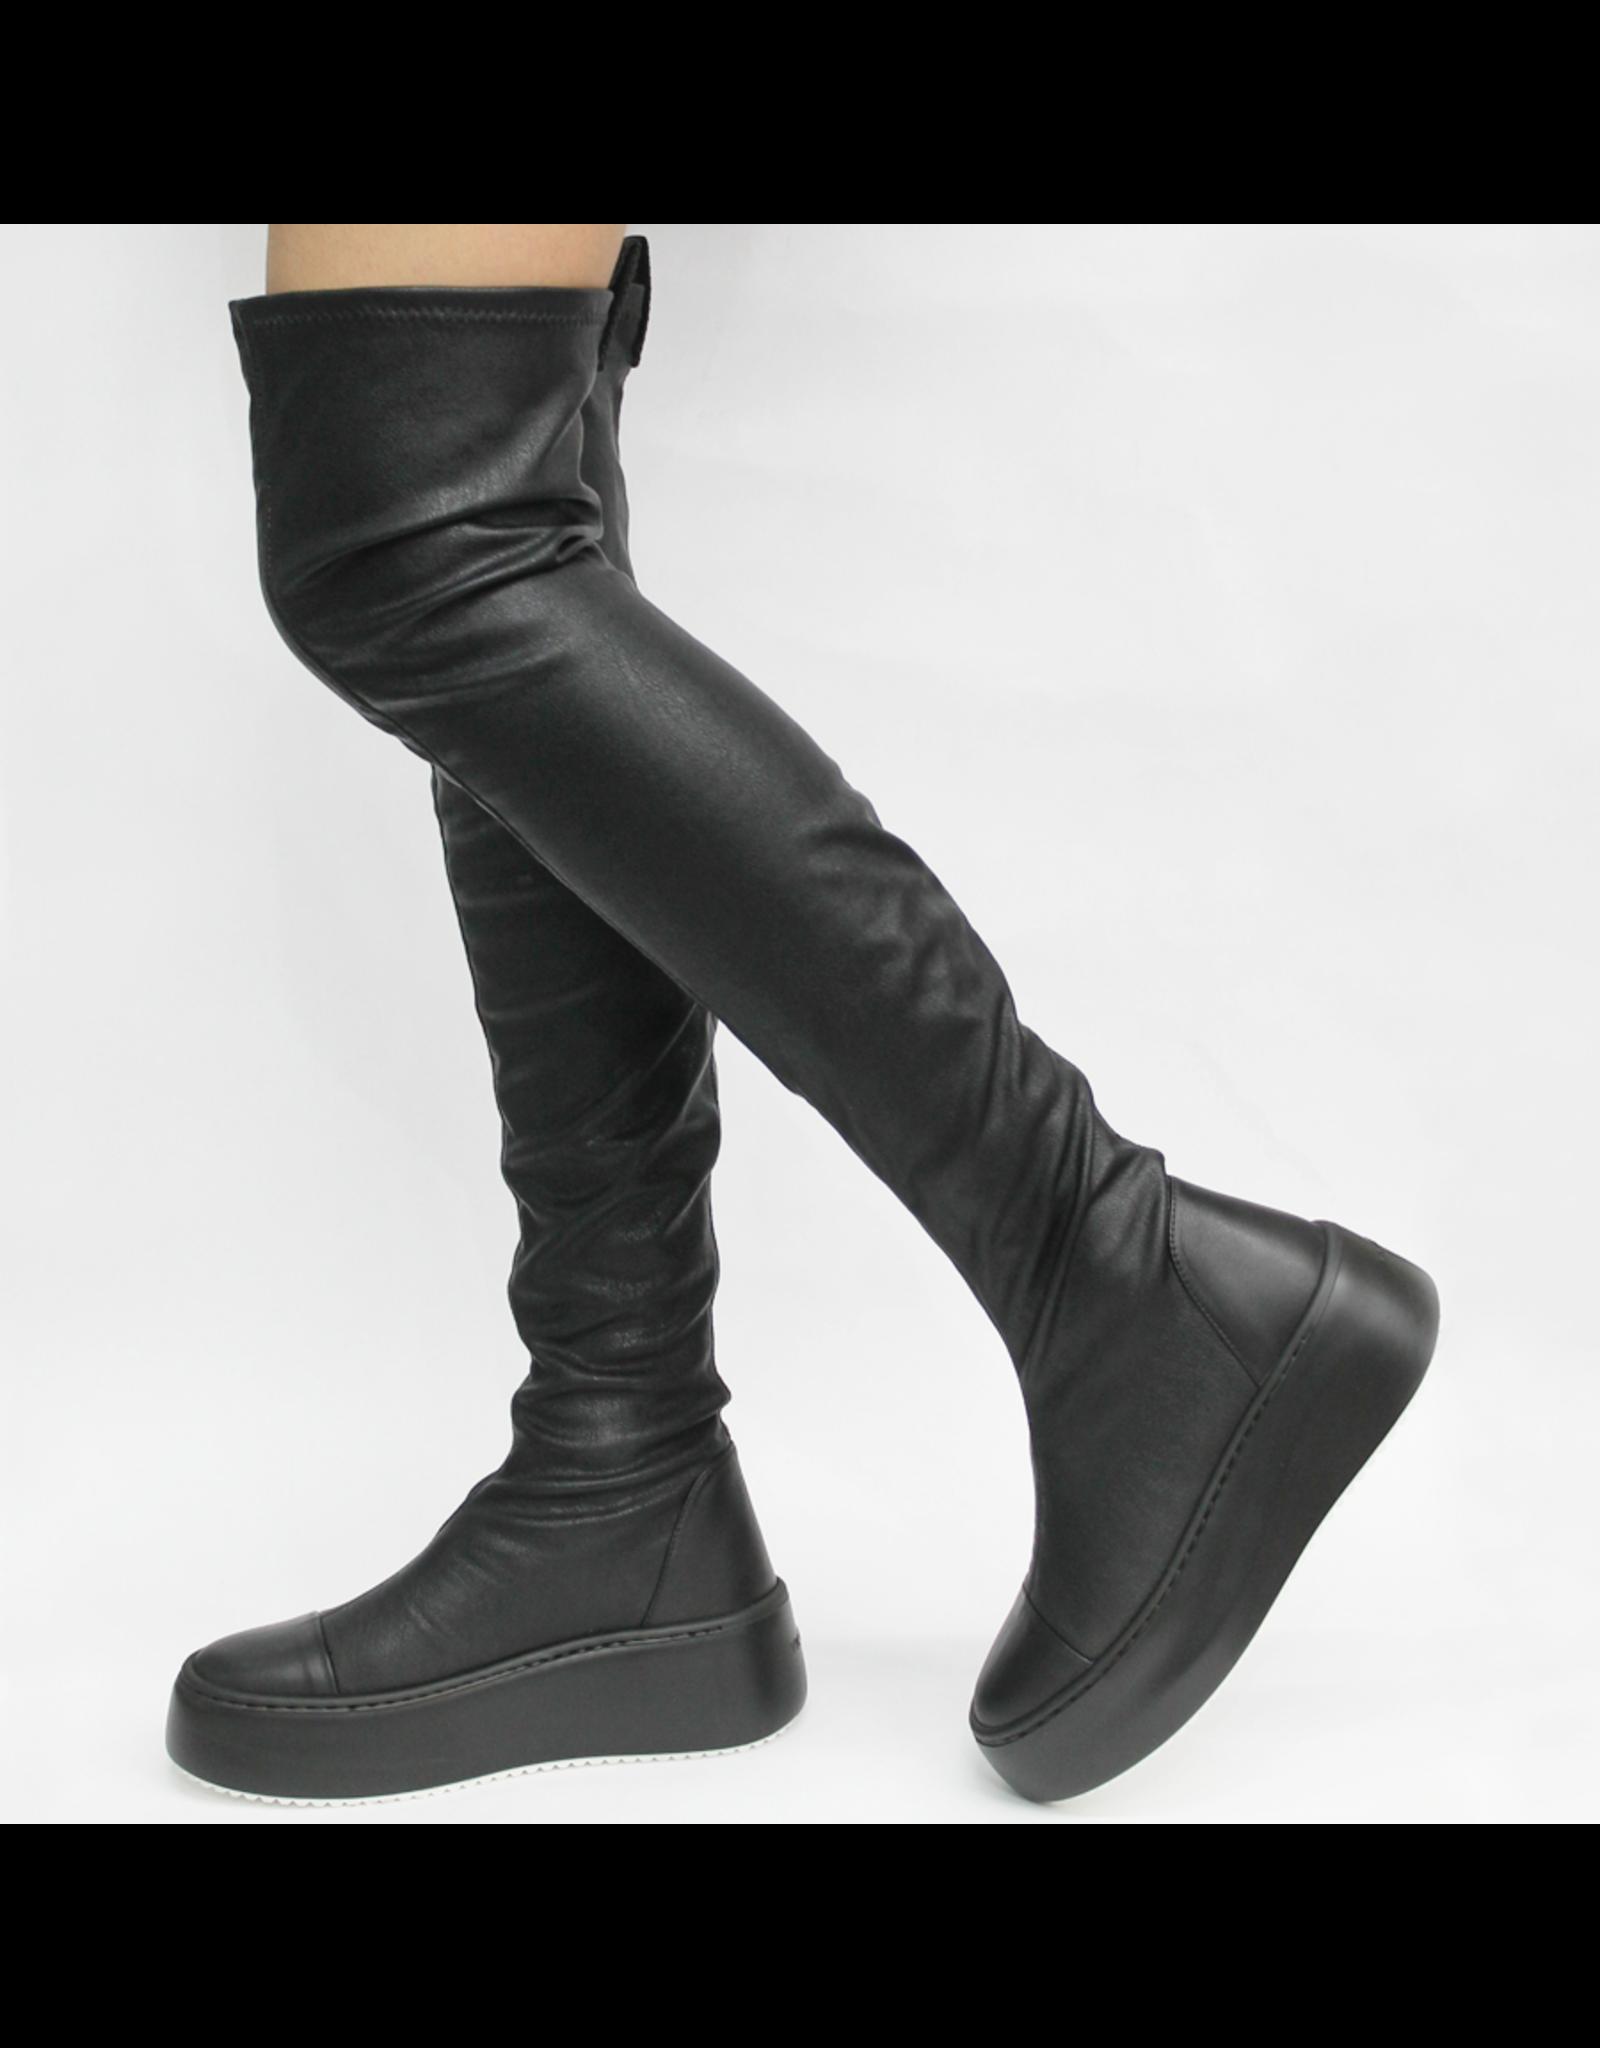 VicMatie VicMatie Black Thigh High Boot 3412